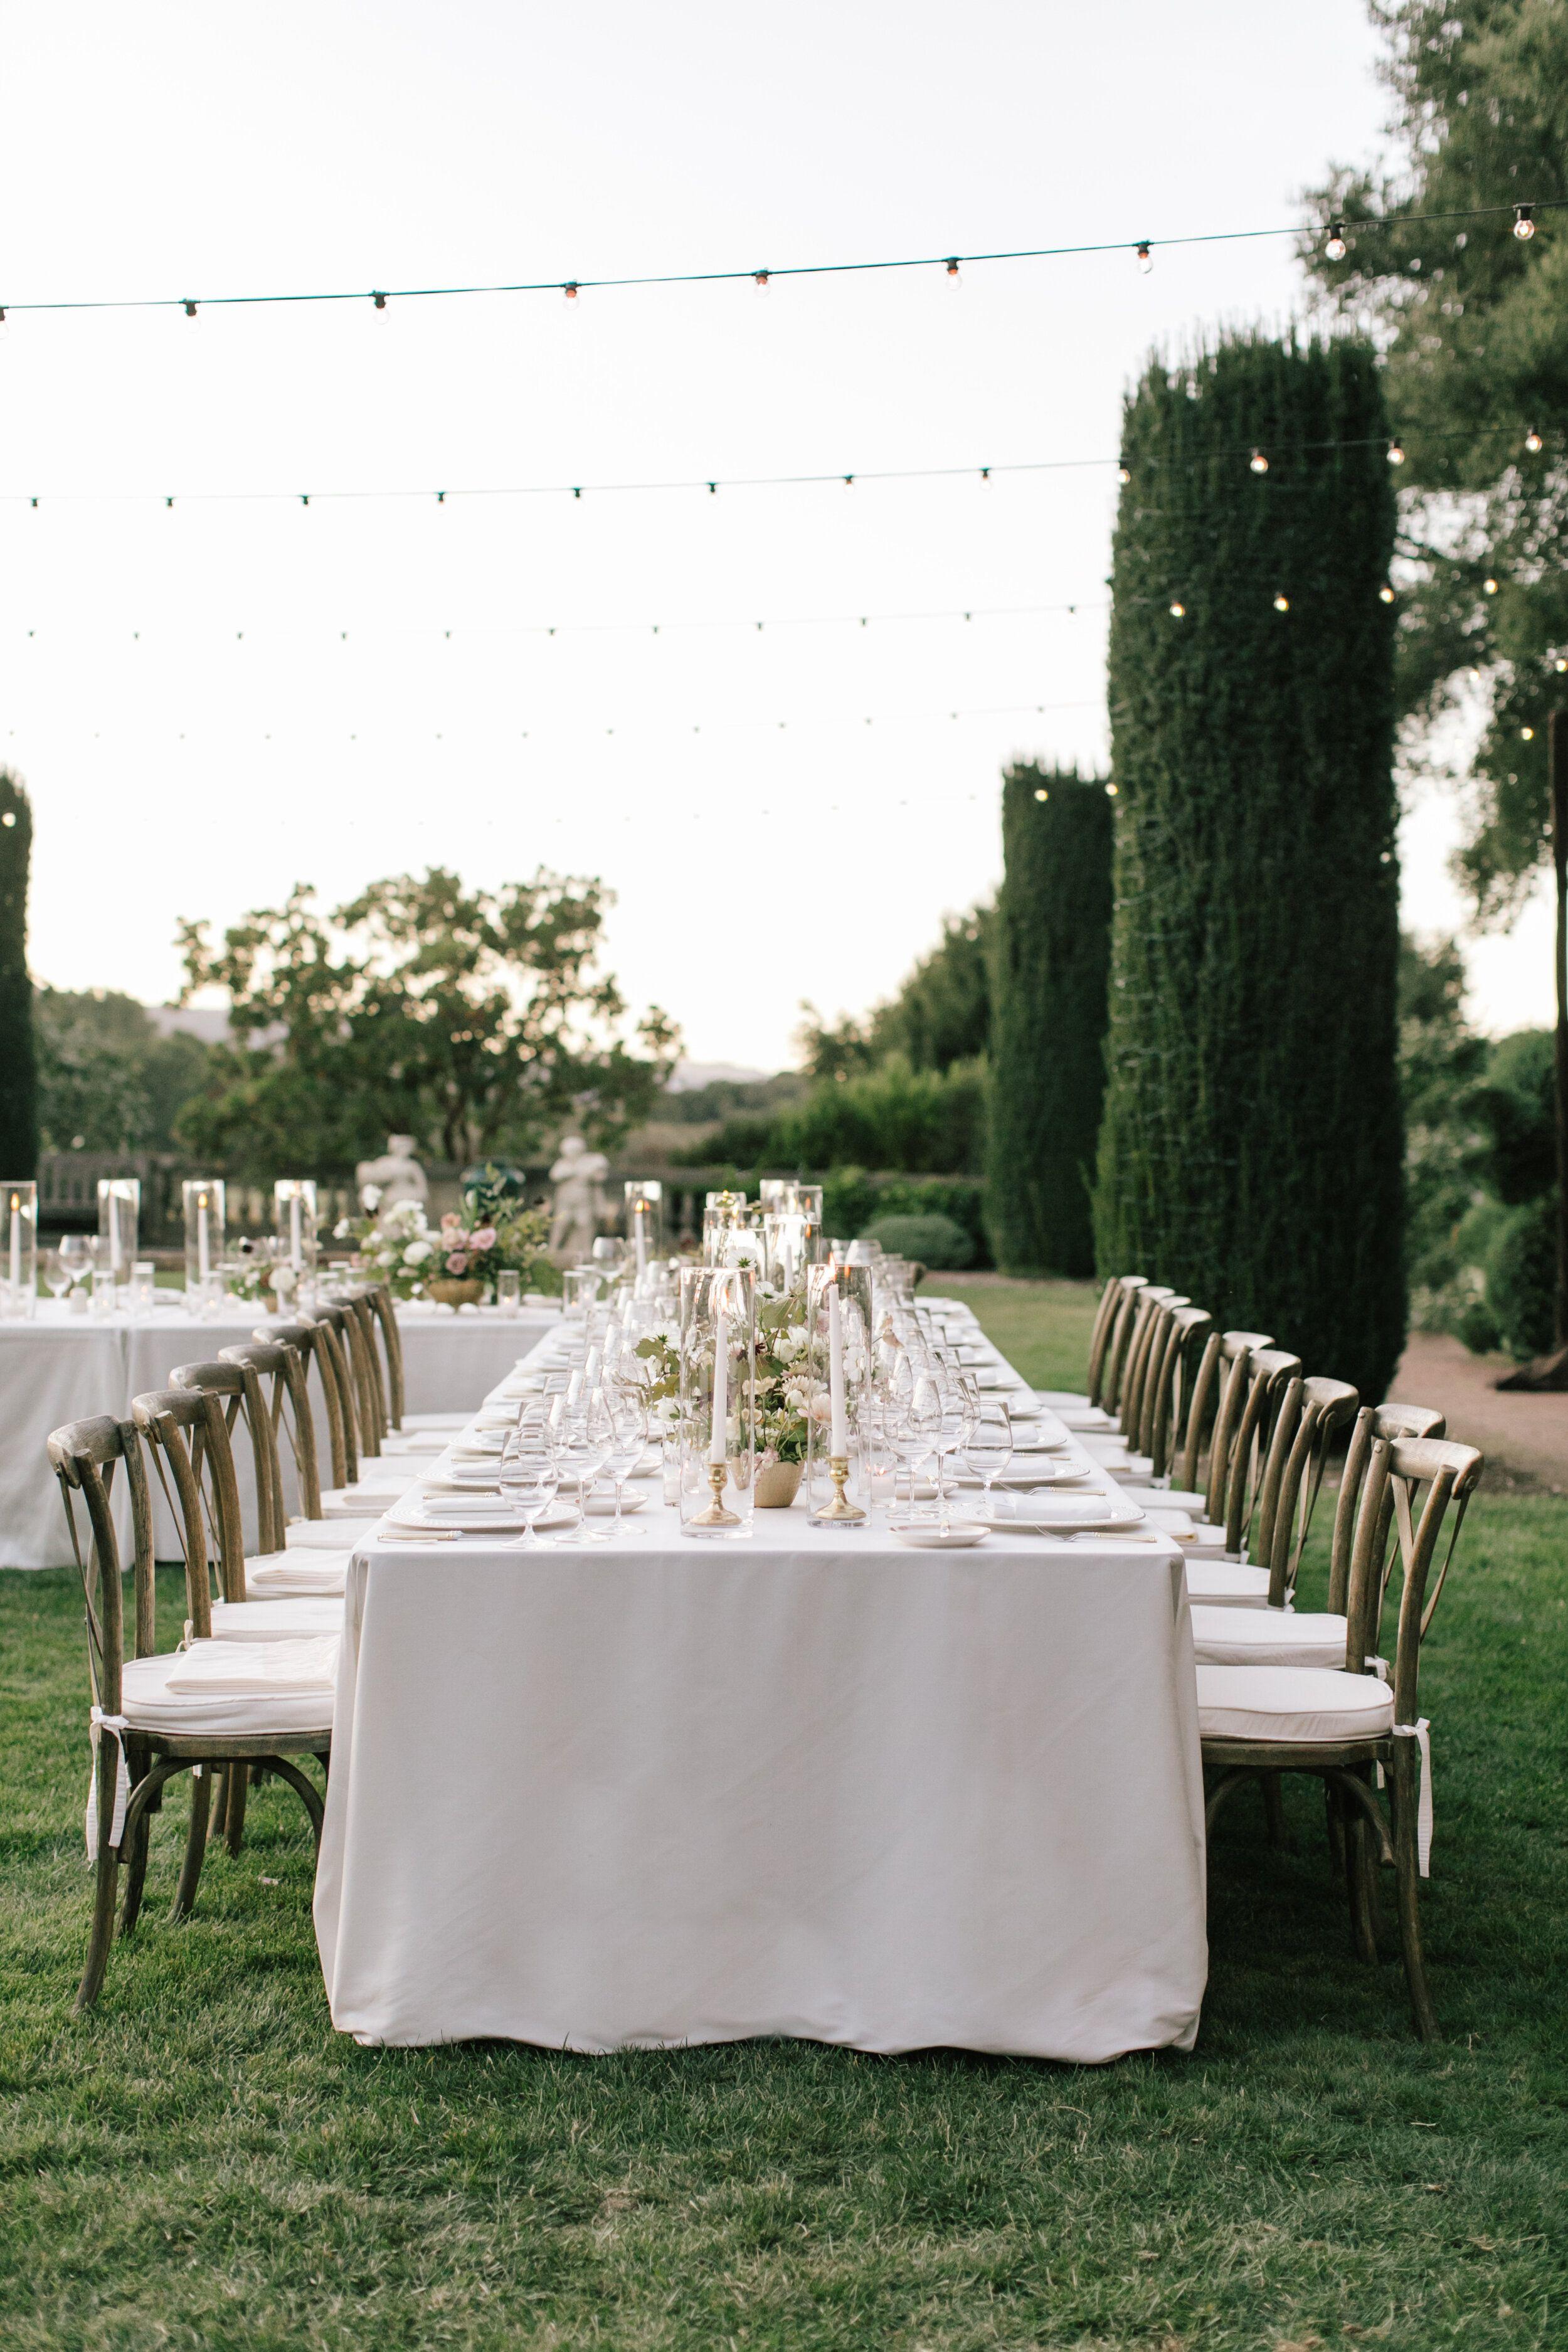 Filoli Gardens Wedding in 2020 Garden, Sunken garden